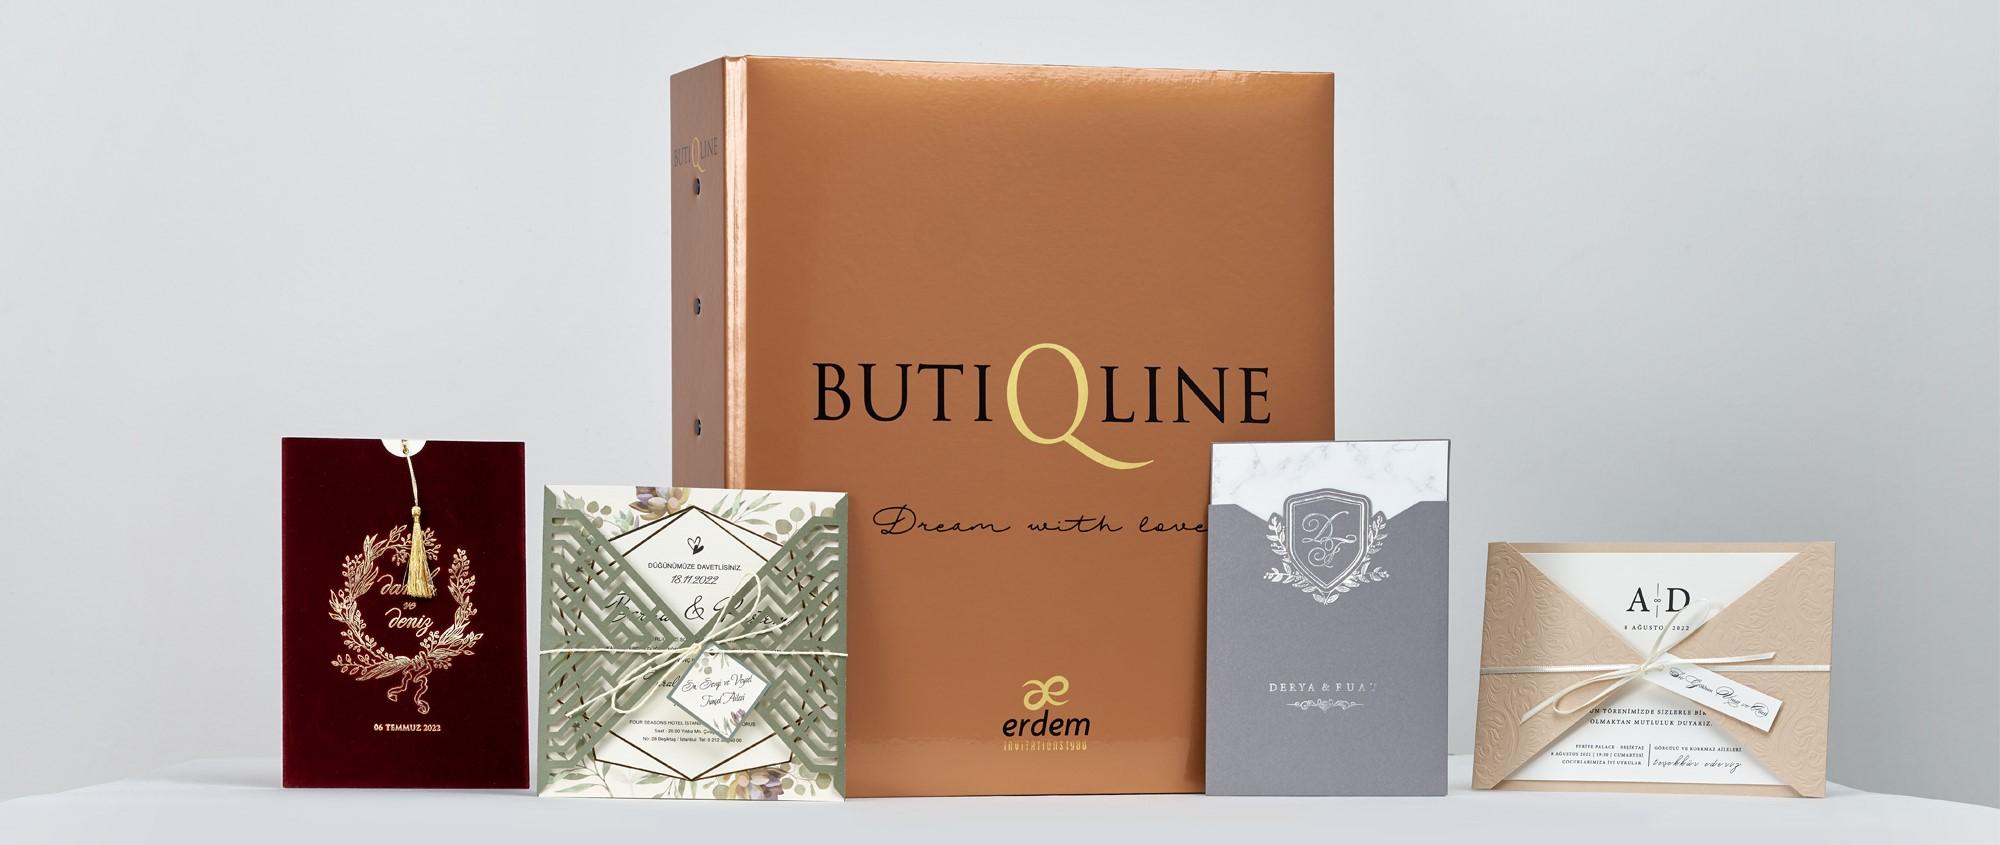 butiqline-davetiye-banner-3